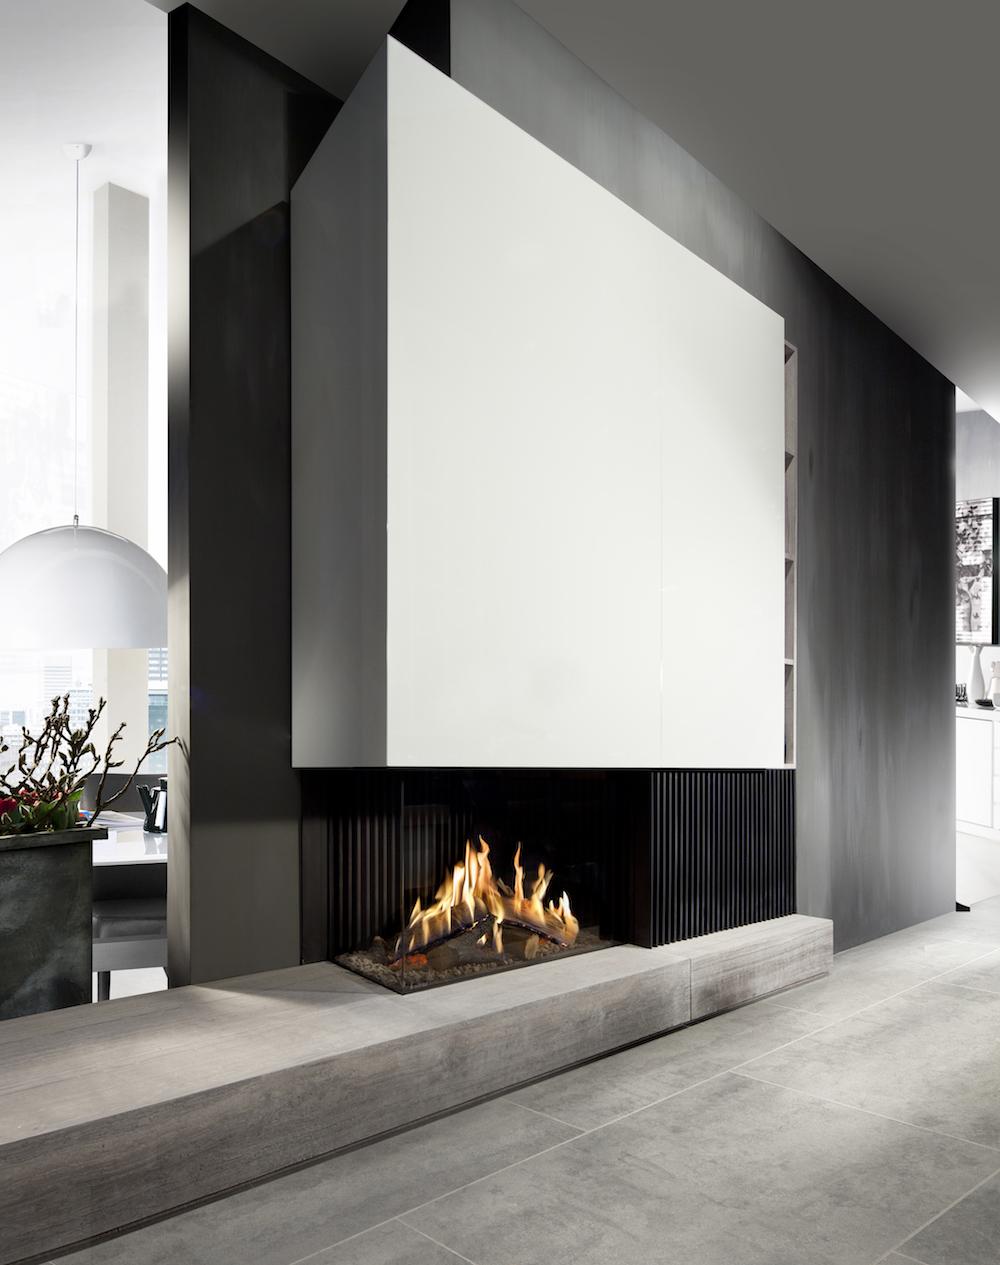 Haarden-trends voor deze winter - gashaard Kalfire GP80-55c Designhaard #gashaard #kalfire #interieur #haard